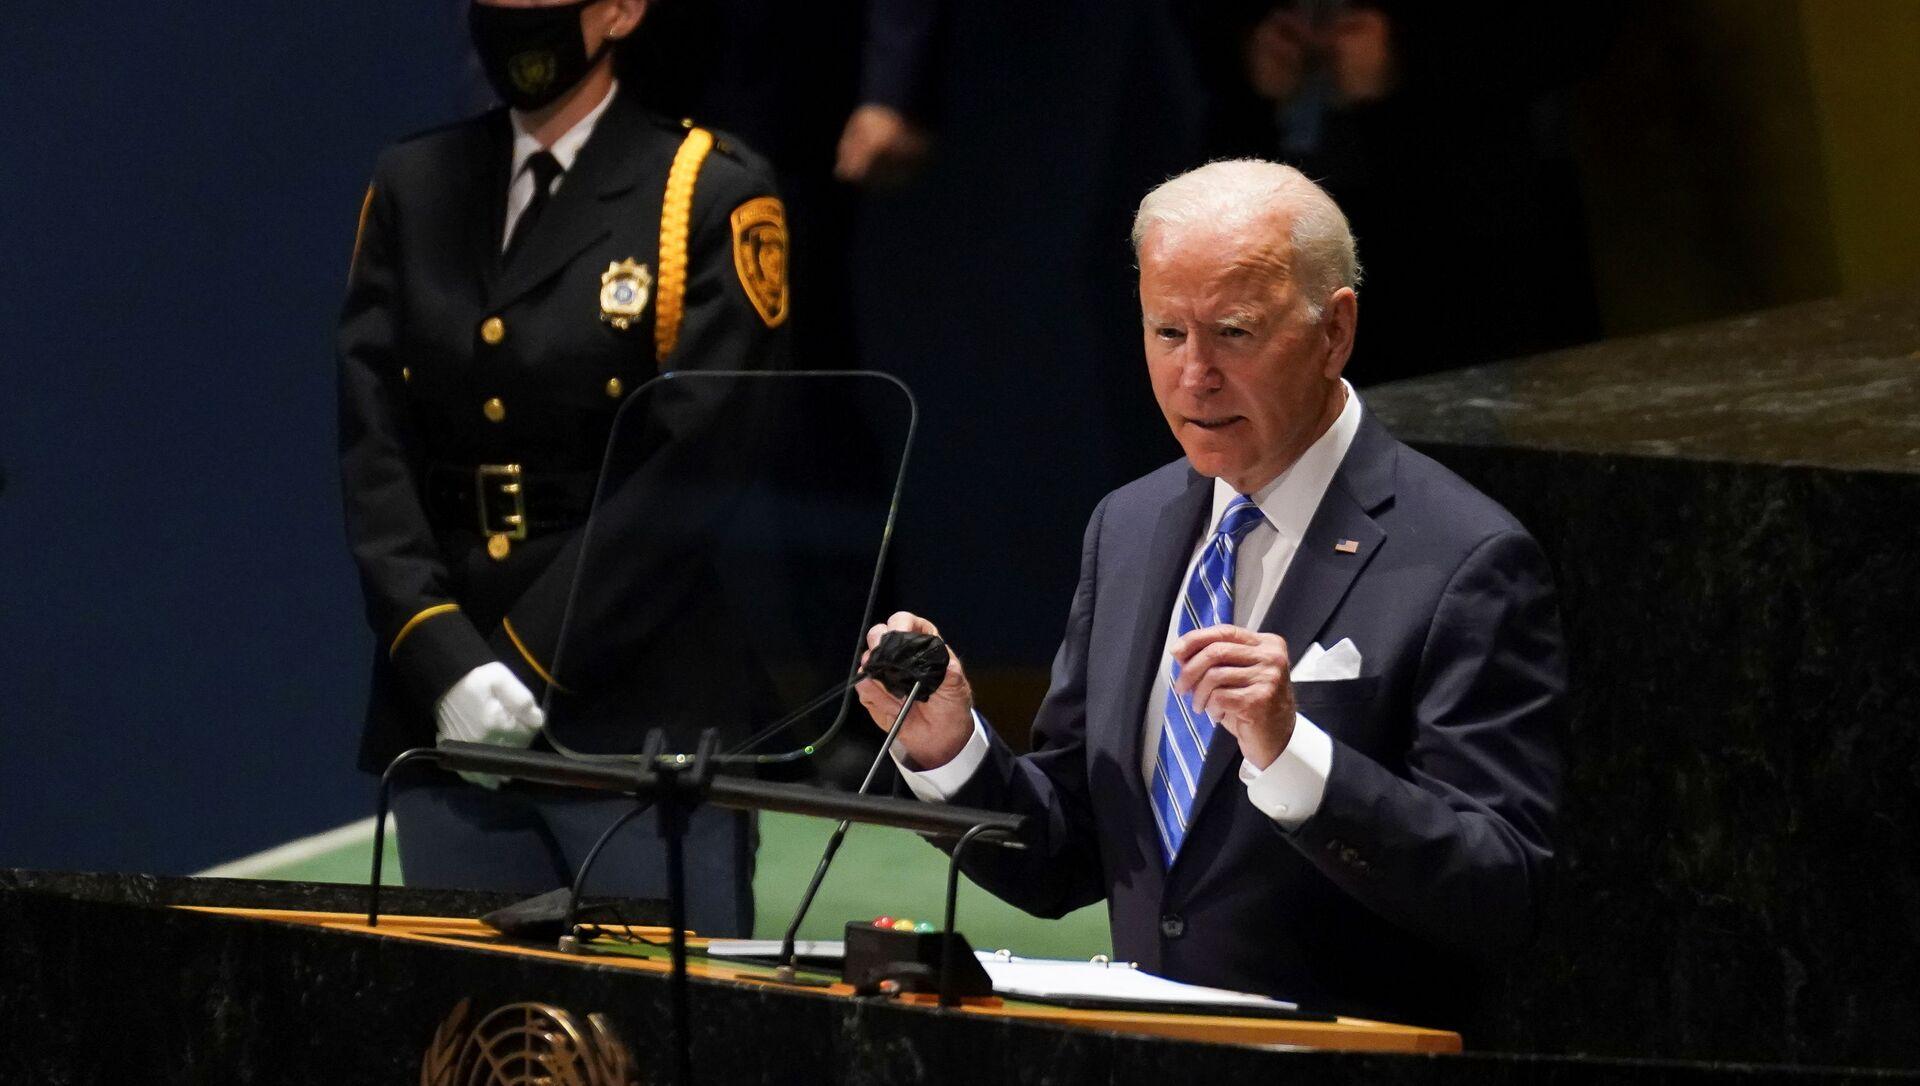 Tổng thống Joe Biden tại phiên họp thường niên lần thứ 76 của Đại hội đồng Liên Hợp Quốc - Sputnik Việt Nam, 1920, 21.09.2021